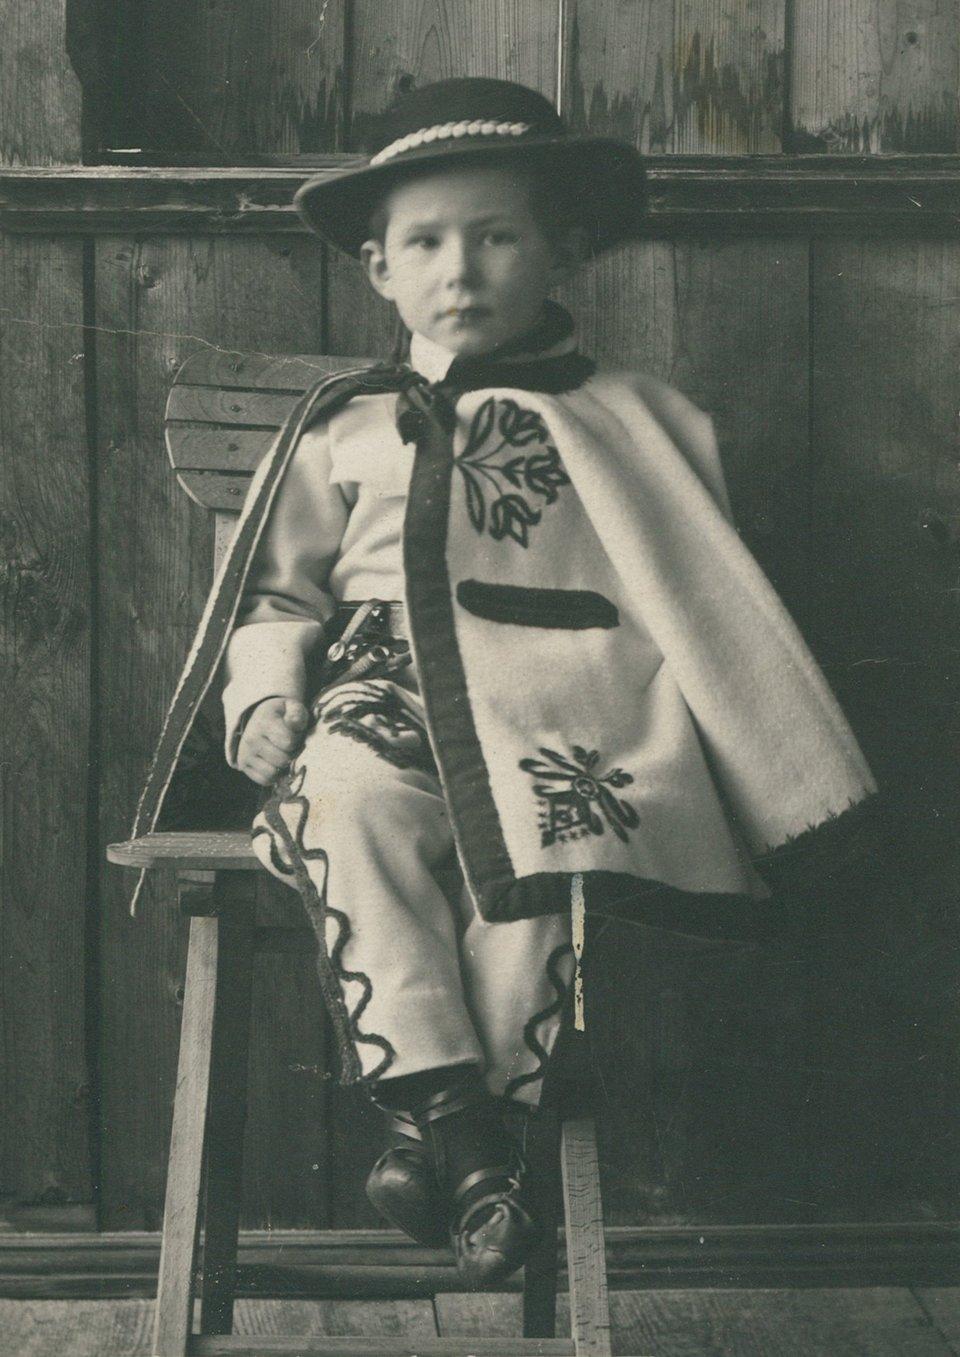 Portret Adama Żeromskiego wstroju góralskim, ok. 1905 Portret Adama Żeromskiego wstroju góralskim, ok. 1905 Źródło: domena publiczna.